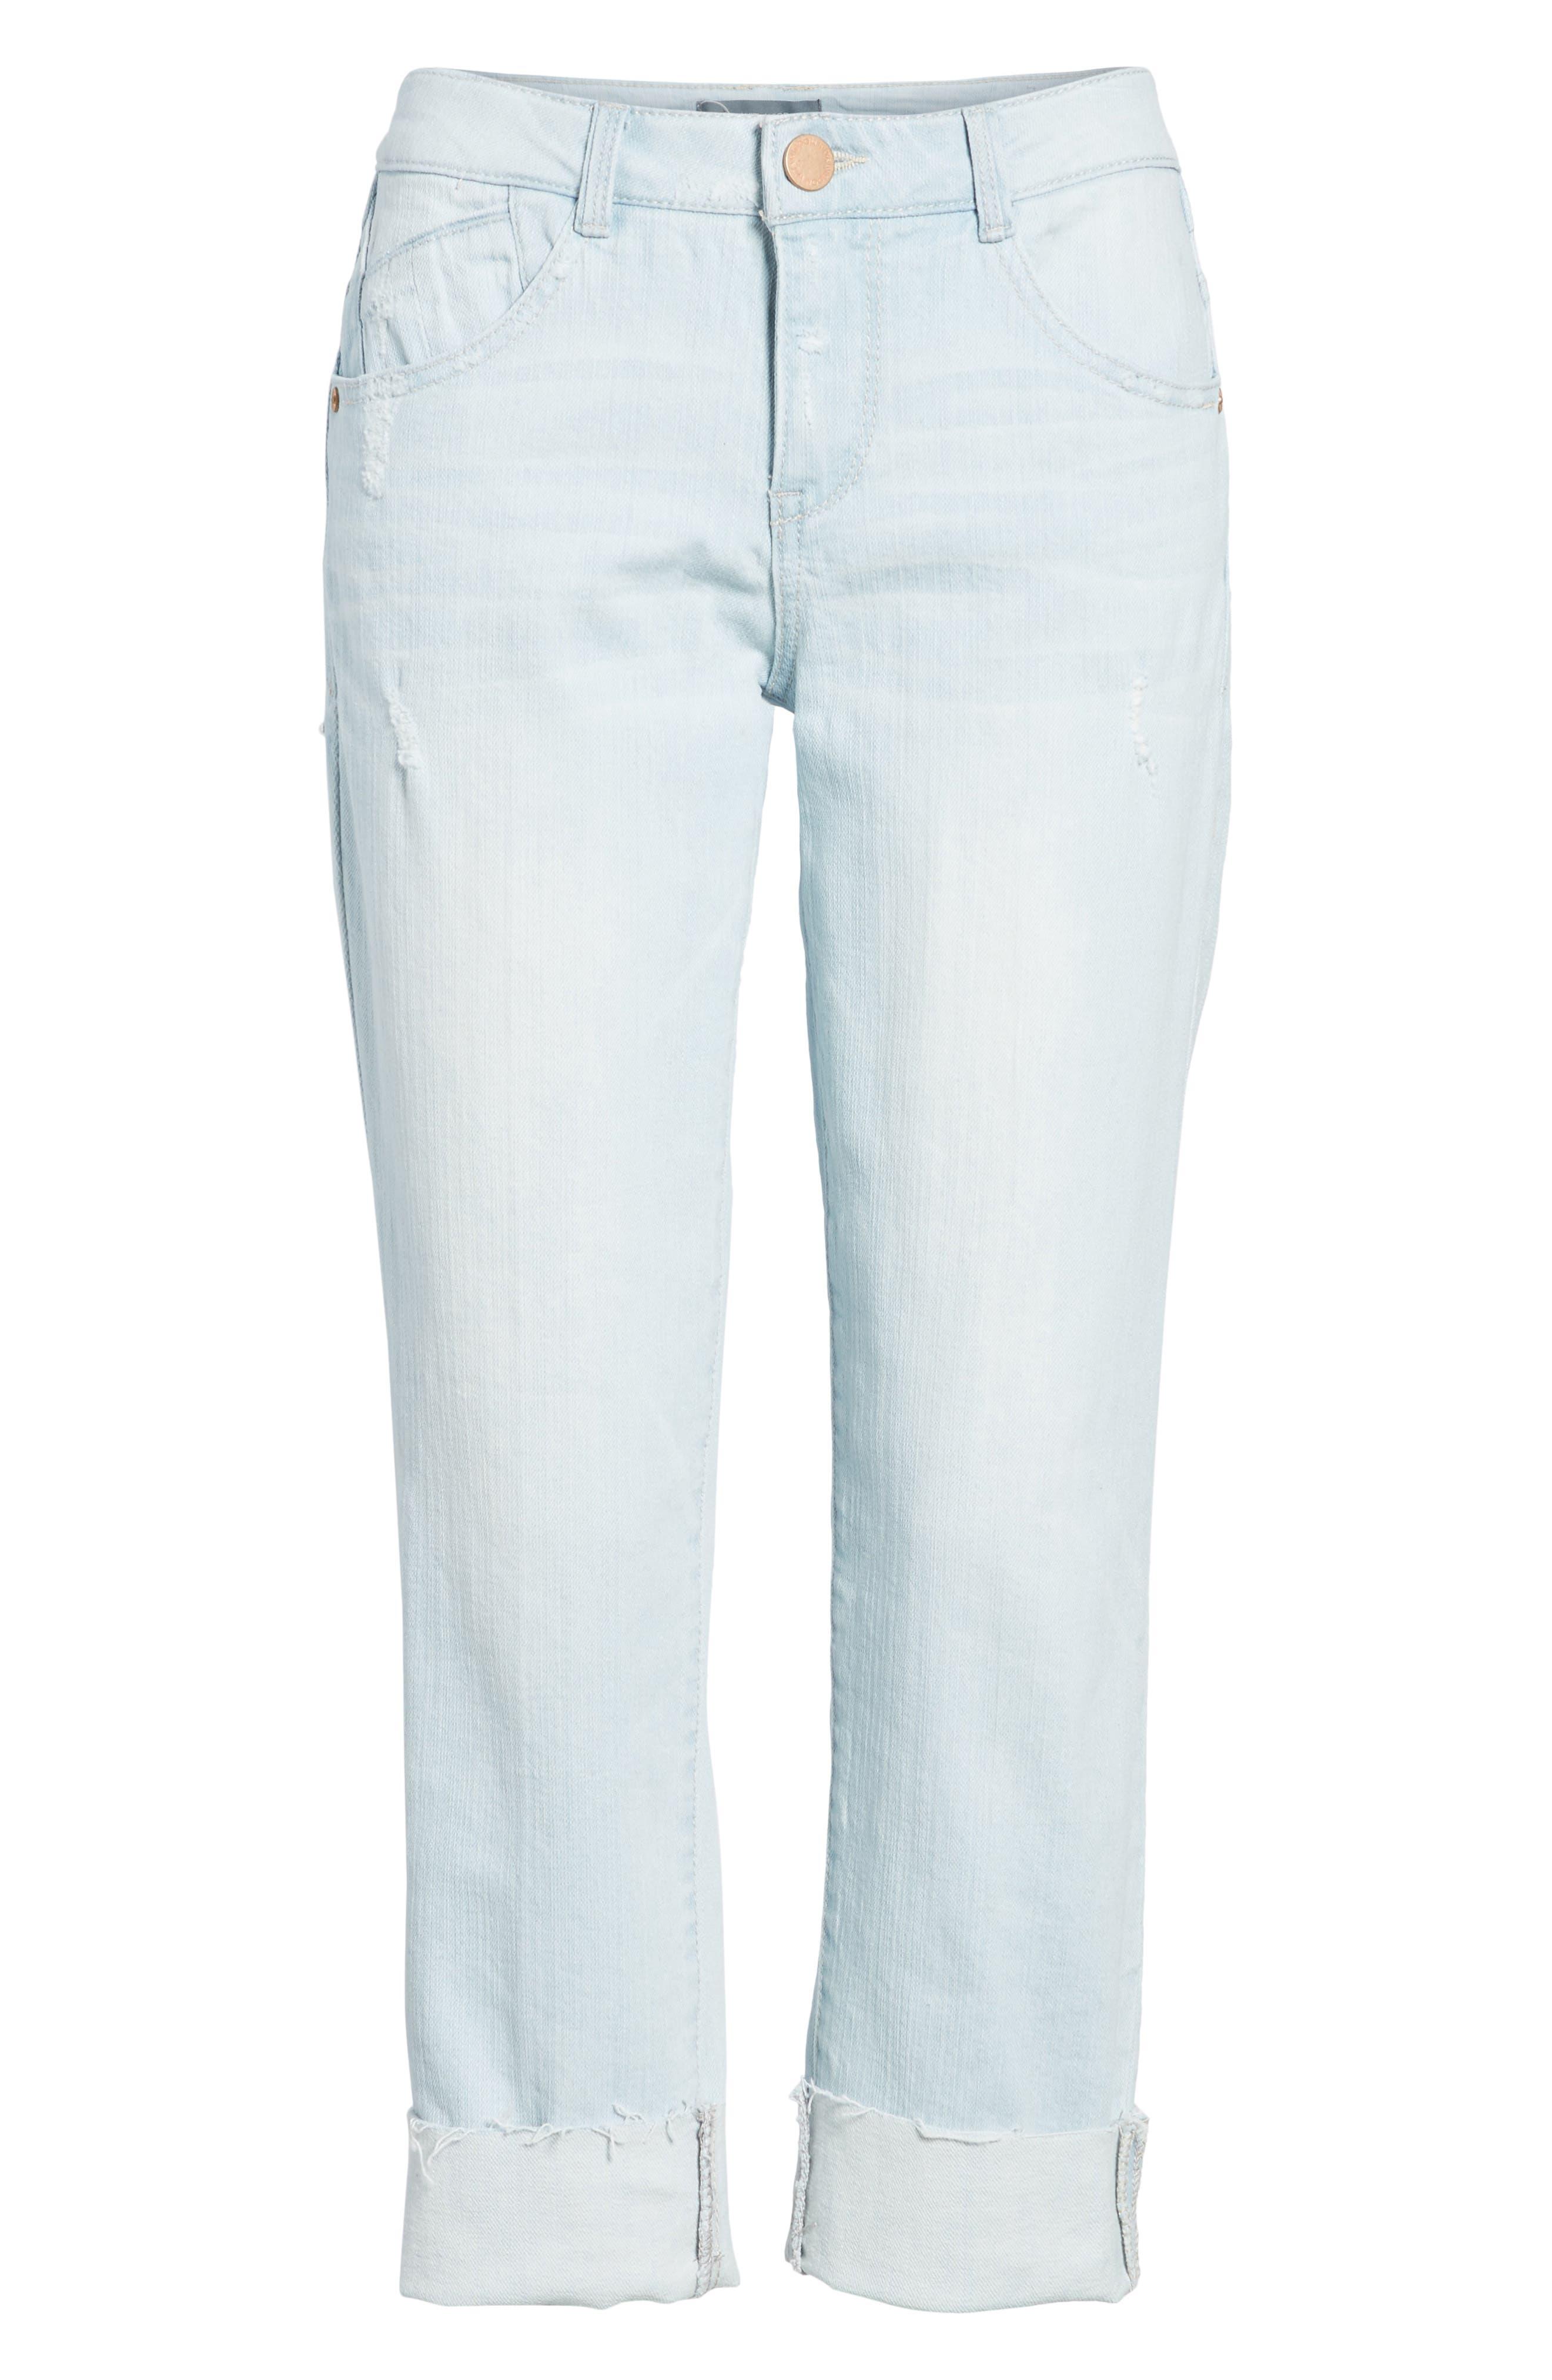 Flex-ellent Distressed Boyfriend Jeans,                             Alternate thumbnail 7, color,                             Light Blue